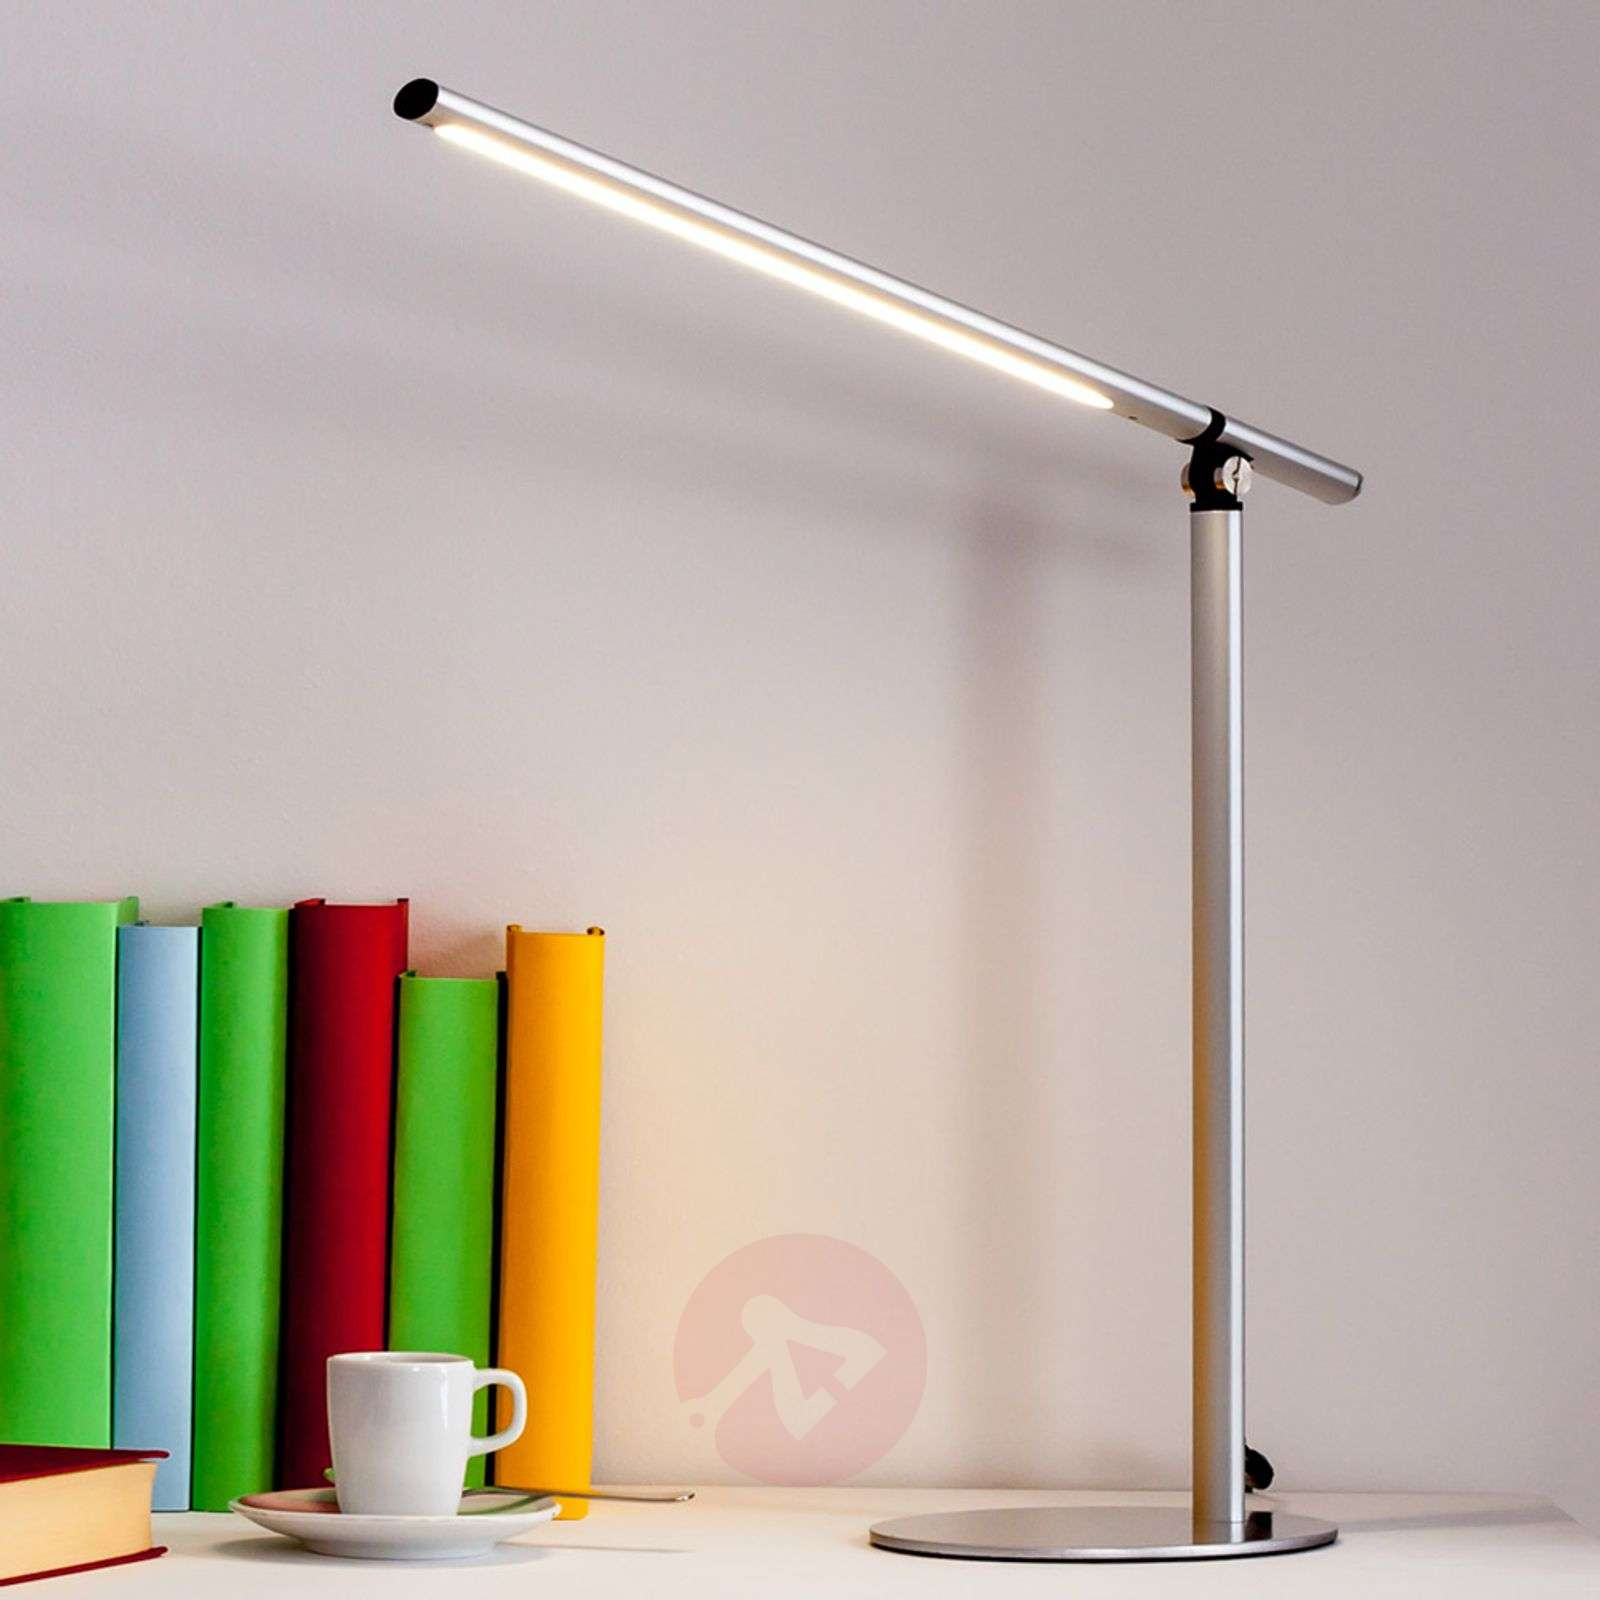 Kolja LED Desk Lamp in Silver Grey-9643009-01